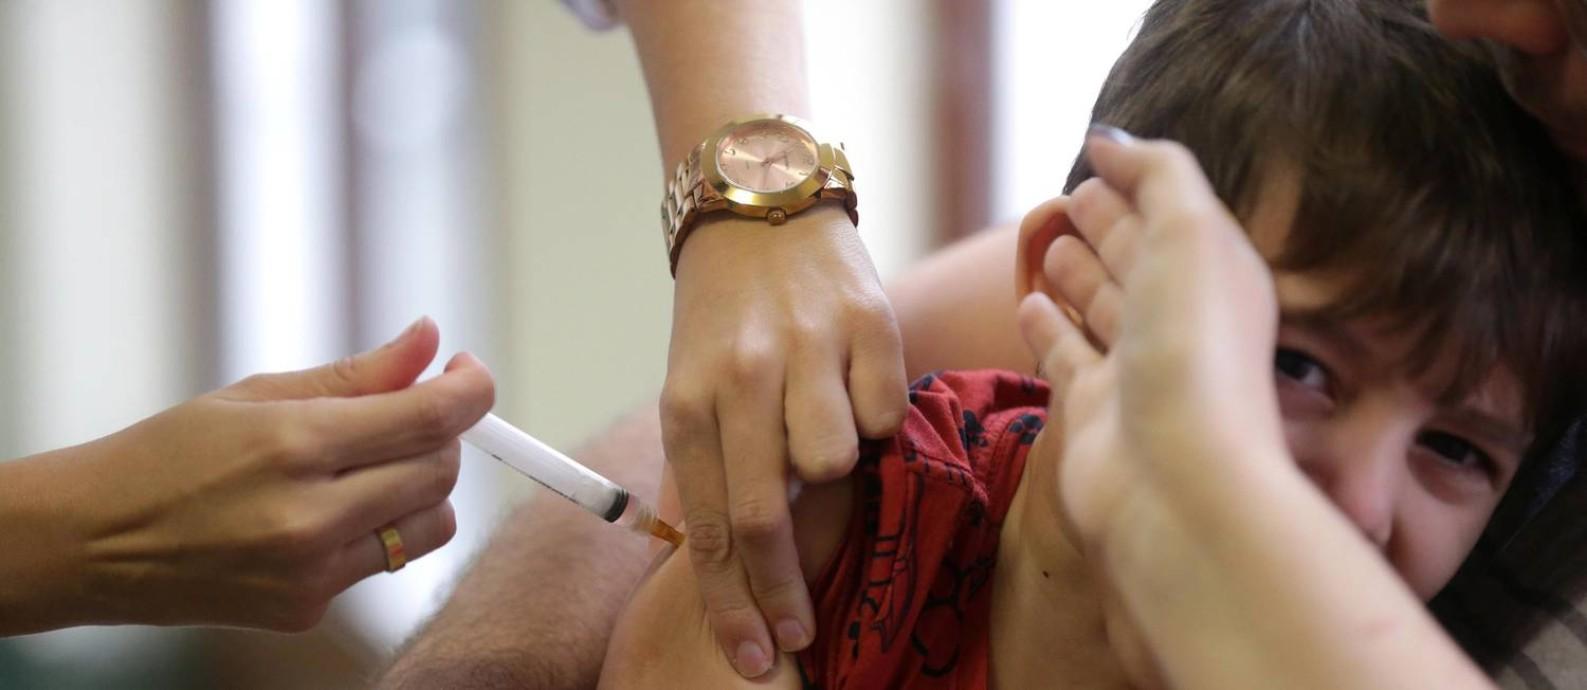 Crinaça sendo vacinada no Centro Municipal de Saúde Heitor Beltrão, na Tijuca Foto: Marcio Alves / Agência O Globo